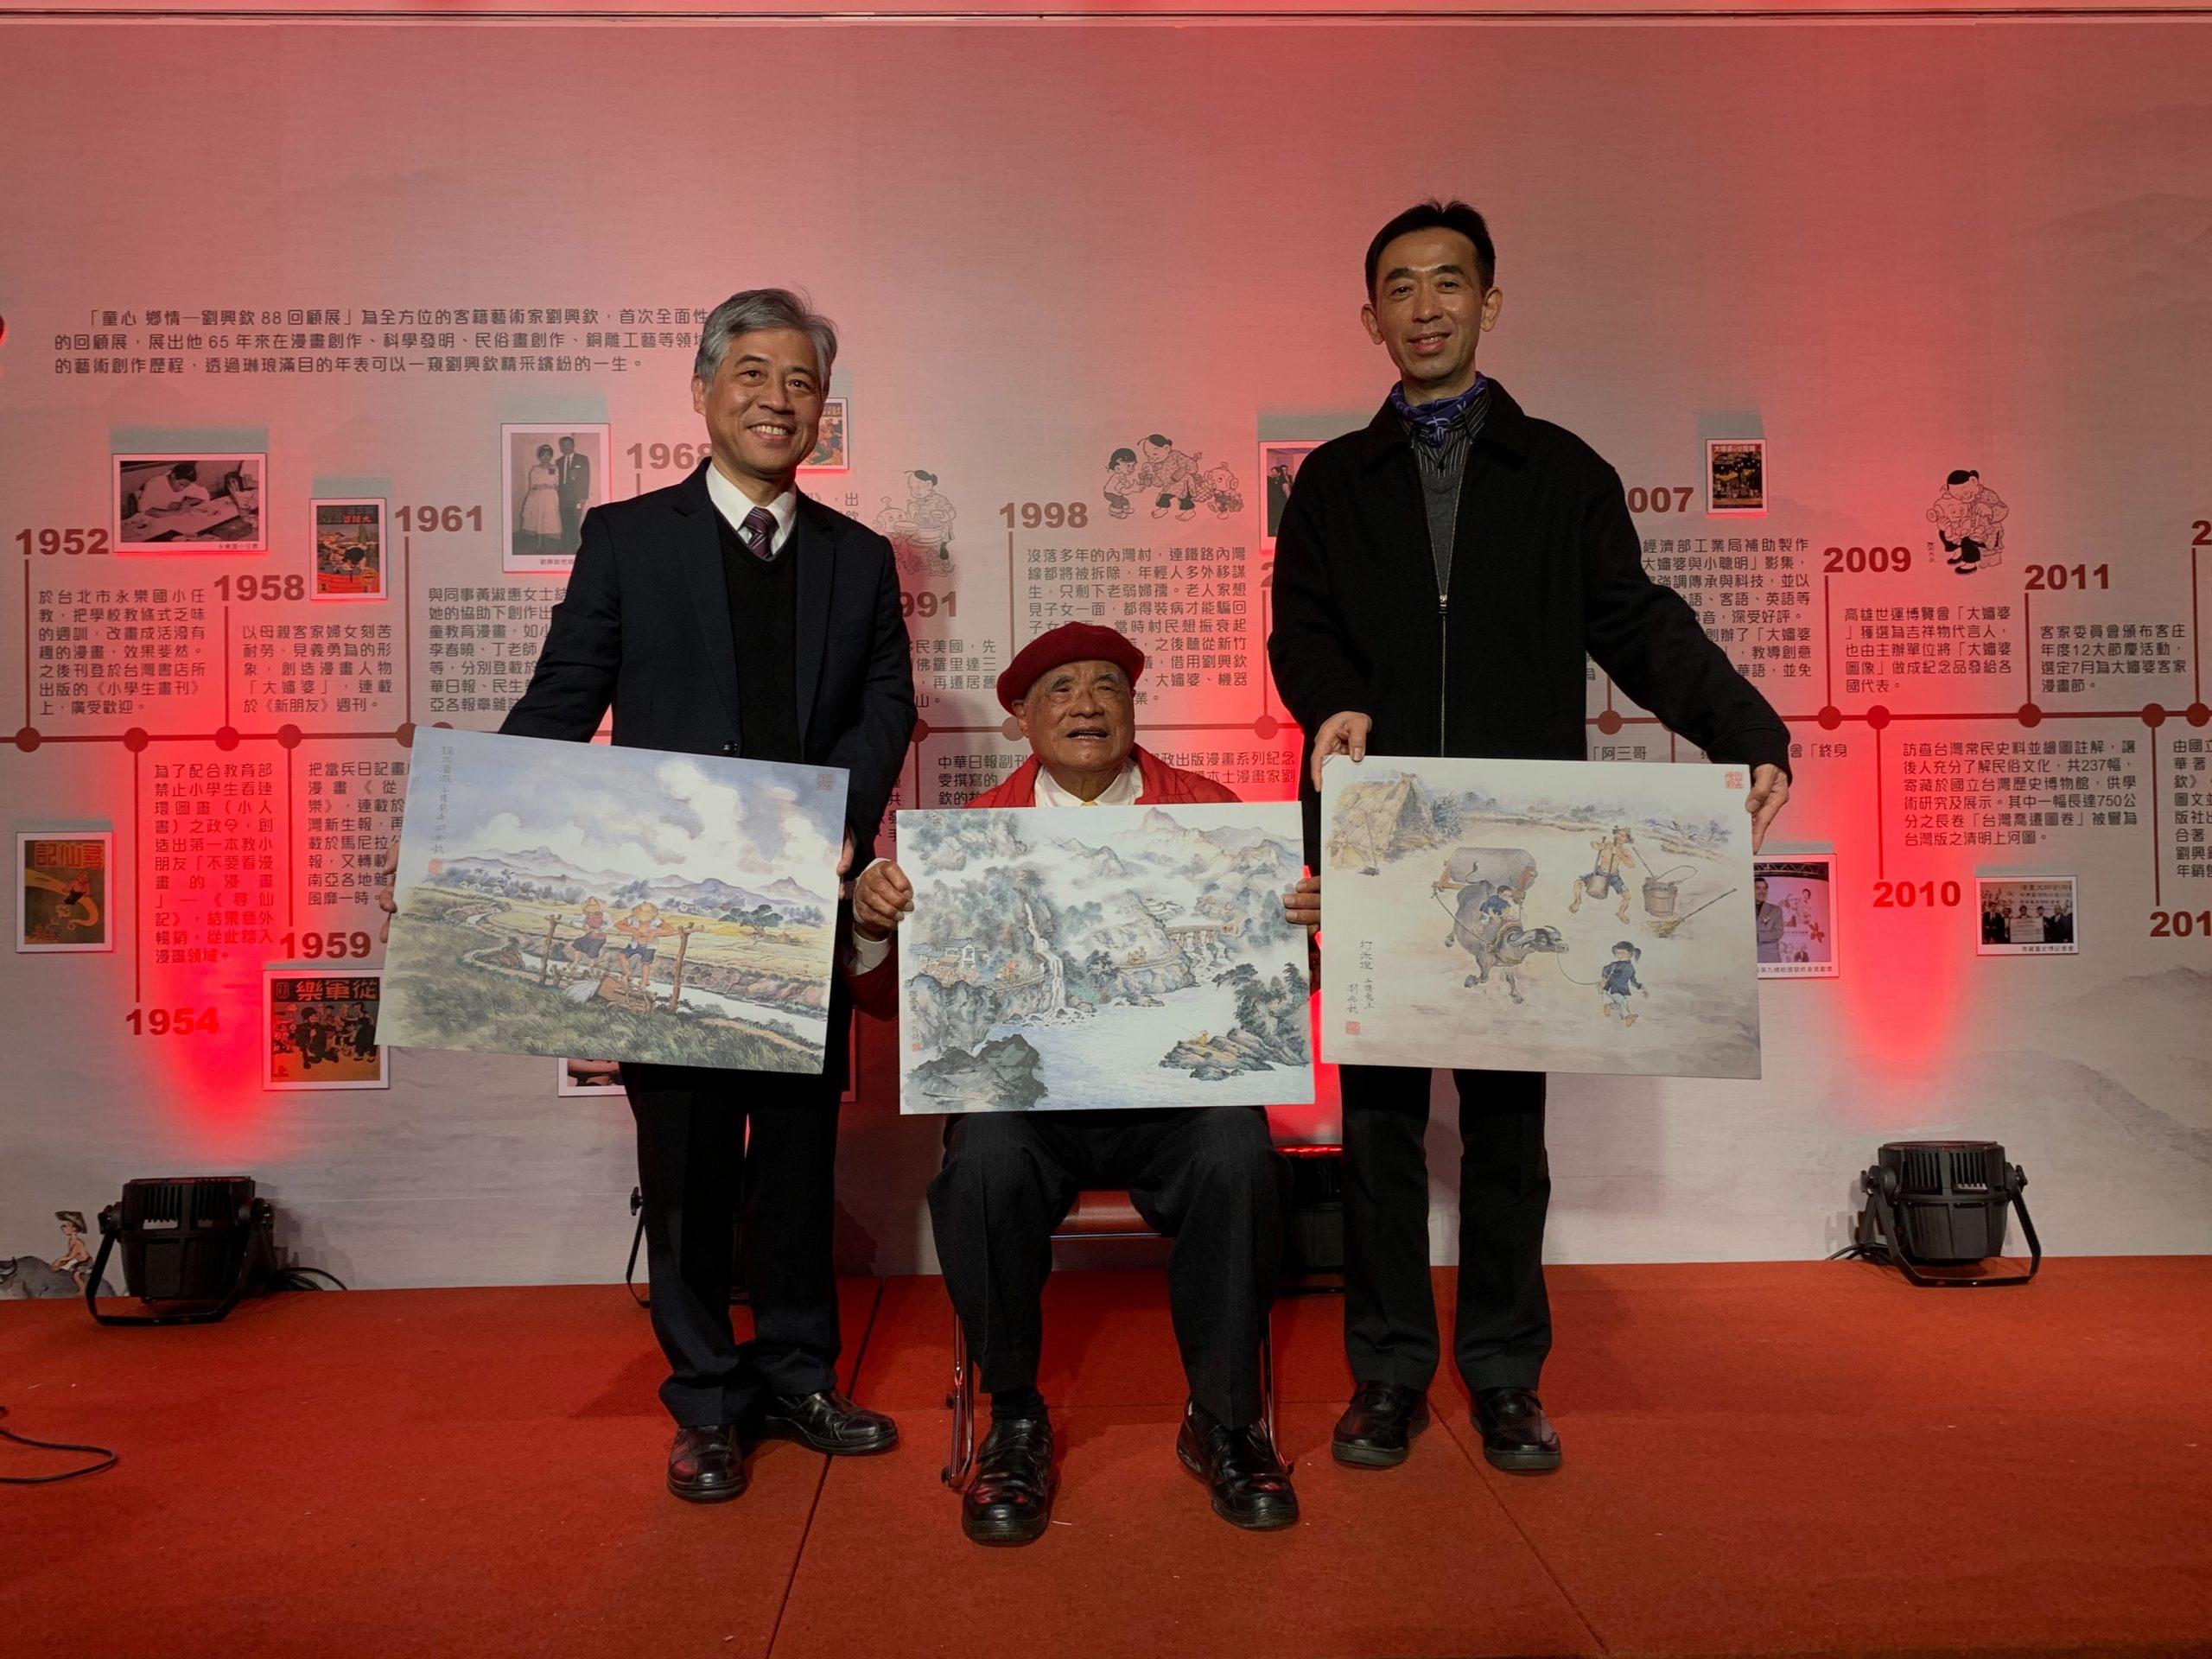 國寶漫畫家劉興欽88回顧展  范佐銘力邀體驗「童心‧鄉情」